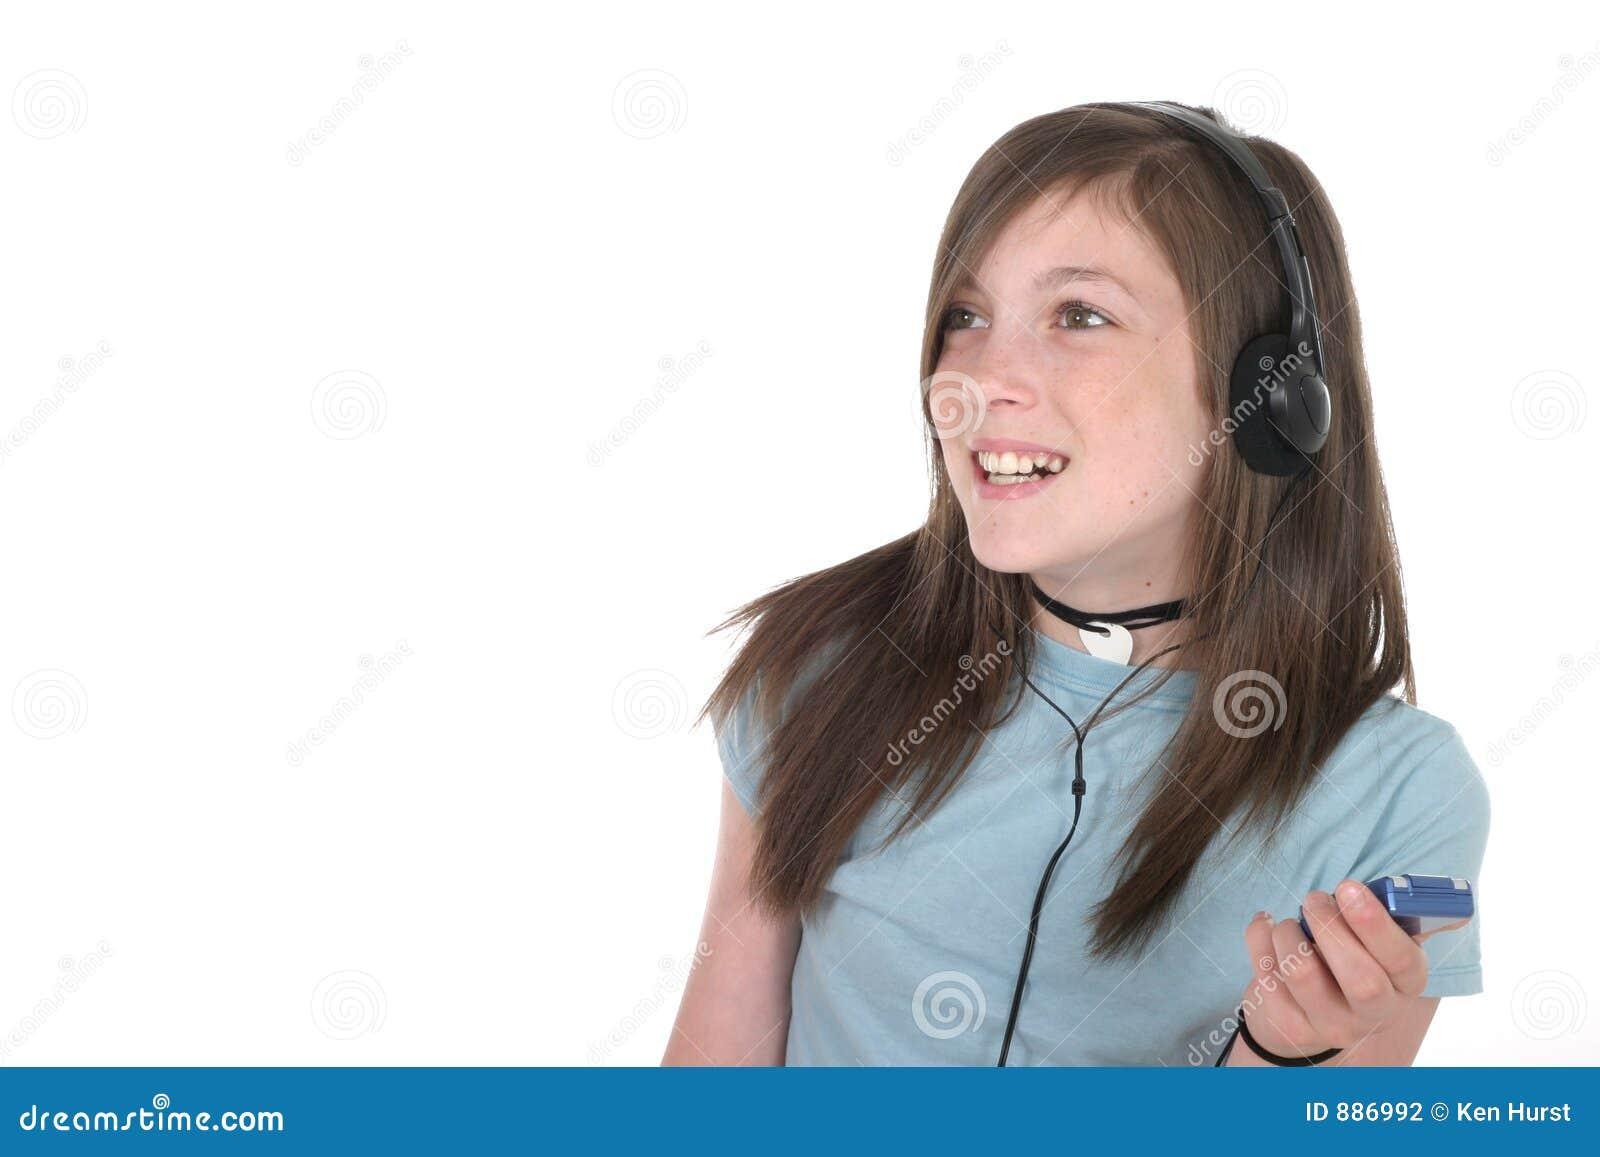 5 słyszała muzyki dziewczyn young nastolatków.